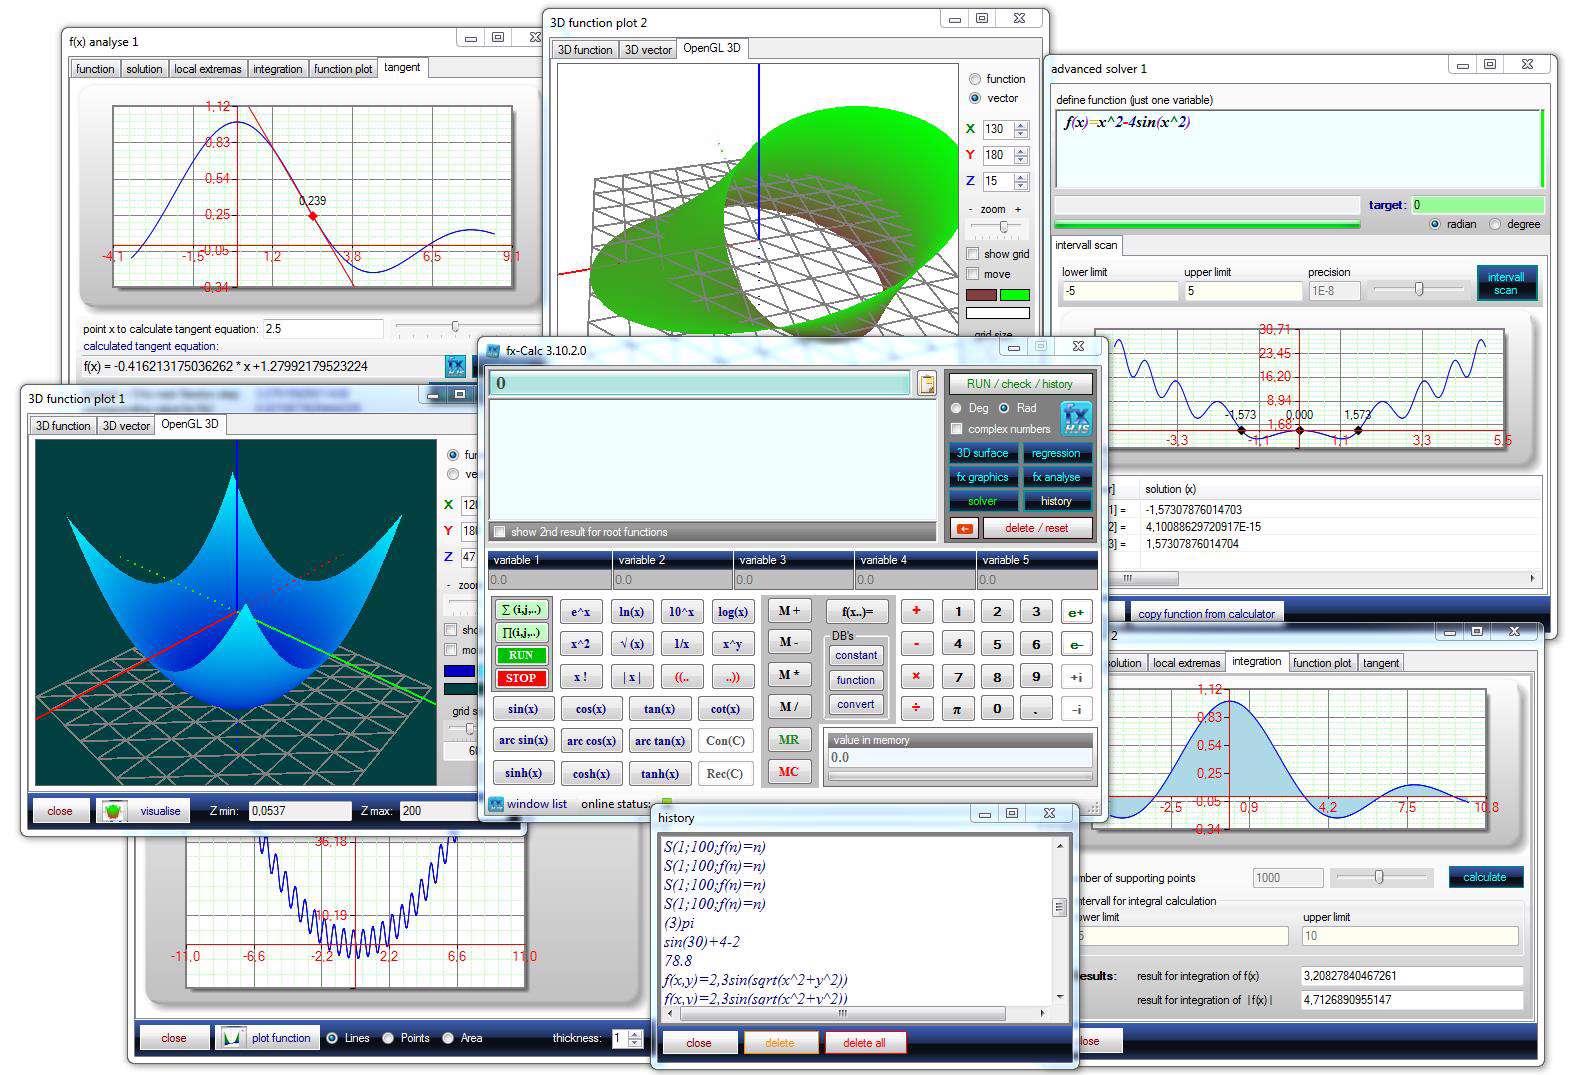 دانلود نرم افزار ماشین حساب مهندسی FxCalc 4.8.2.1 +پرتابل